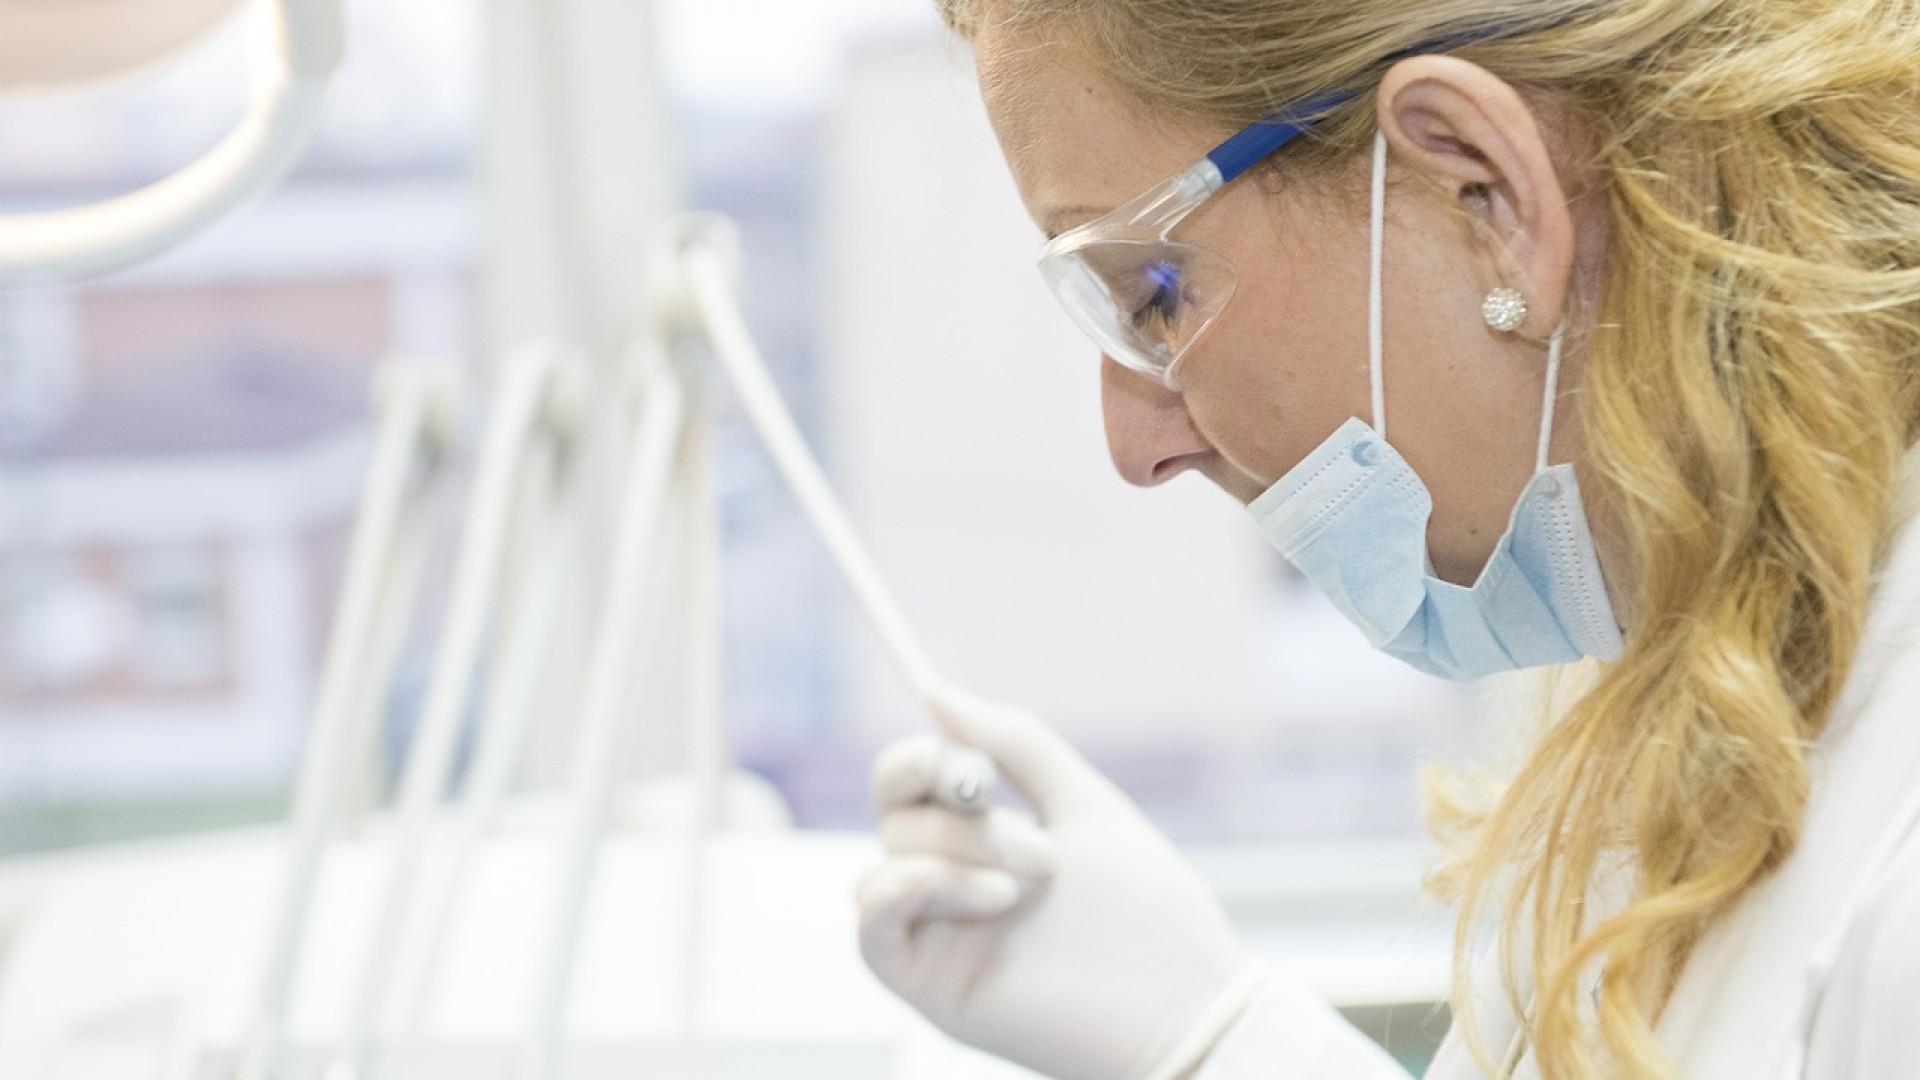 L'importance de la santé dentaire dans la société actuelle